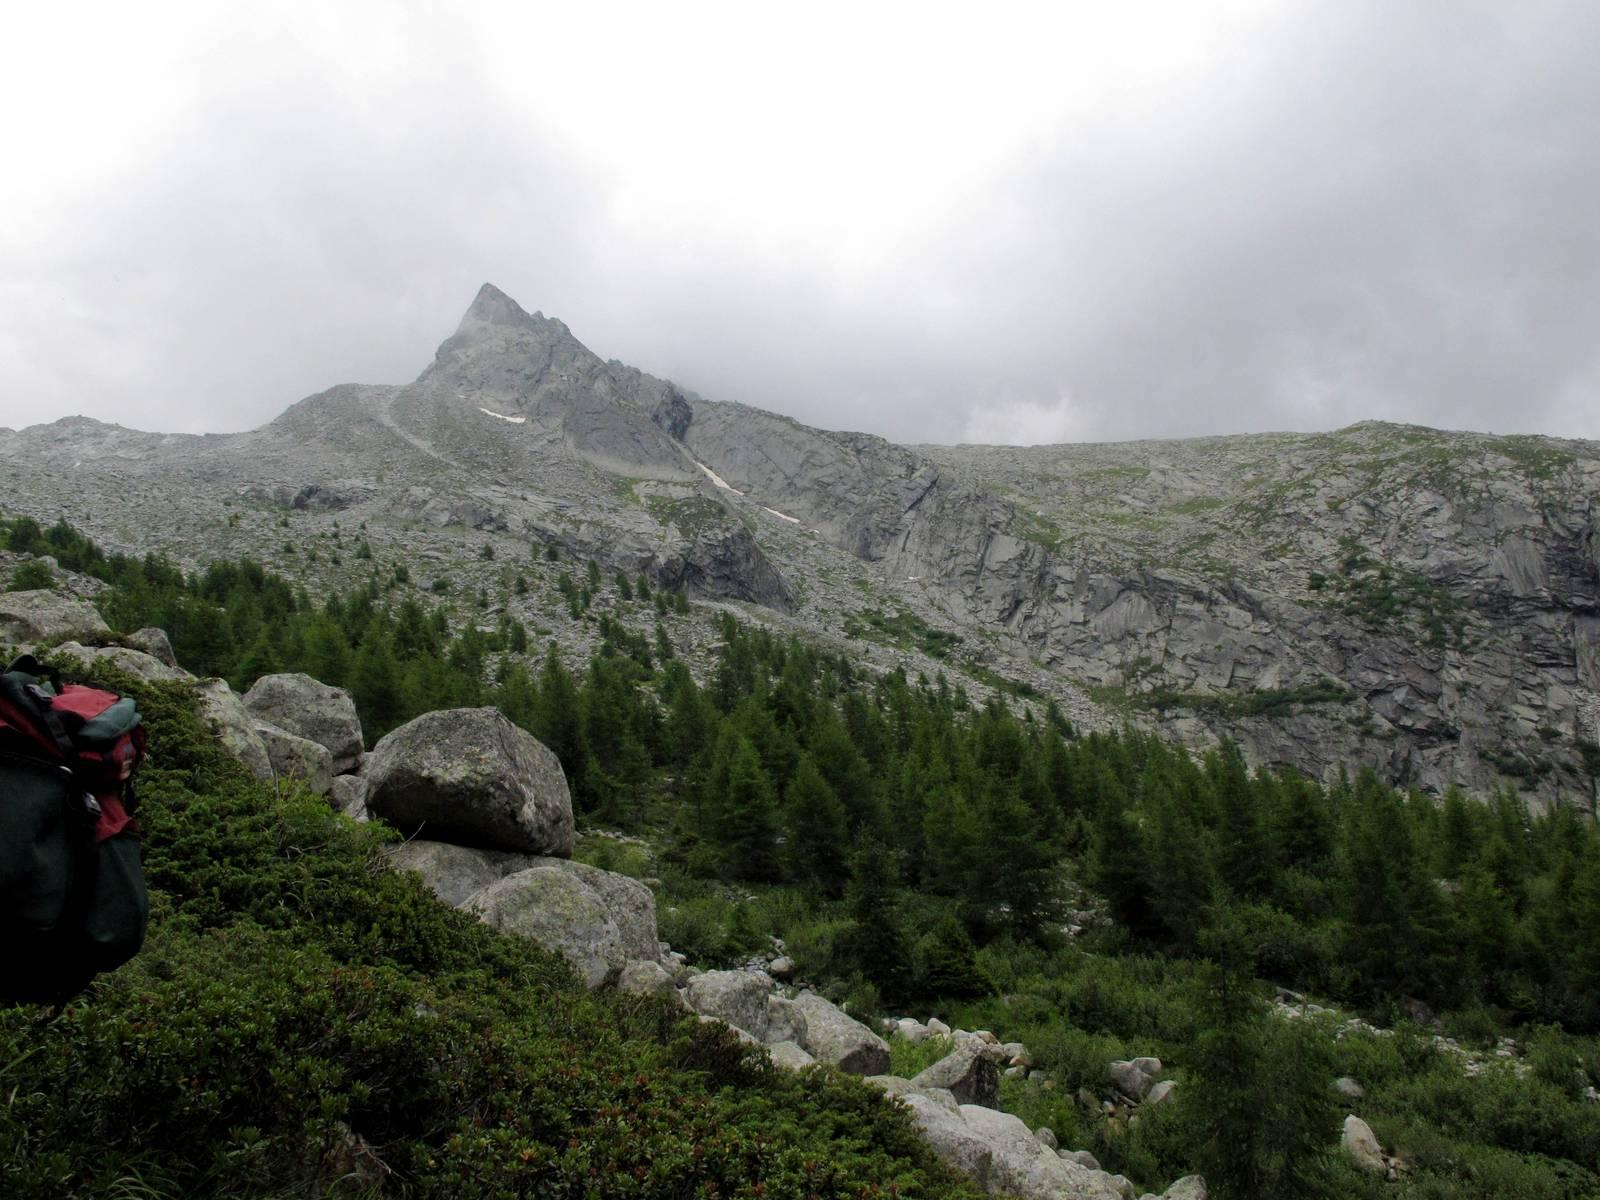 Passi-nella-neve-9-agosto-2014_Narrazione-in-cammino-destinazione-Garibaldi37 Copia